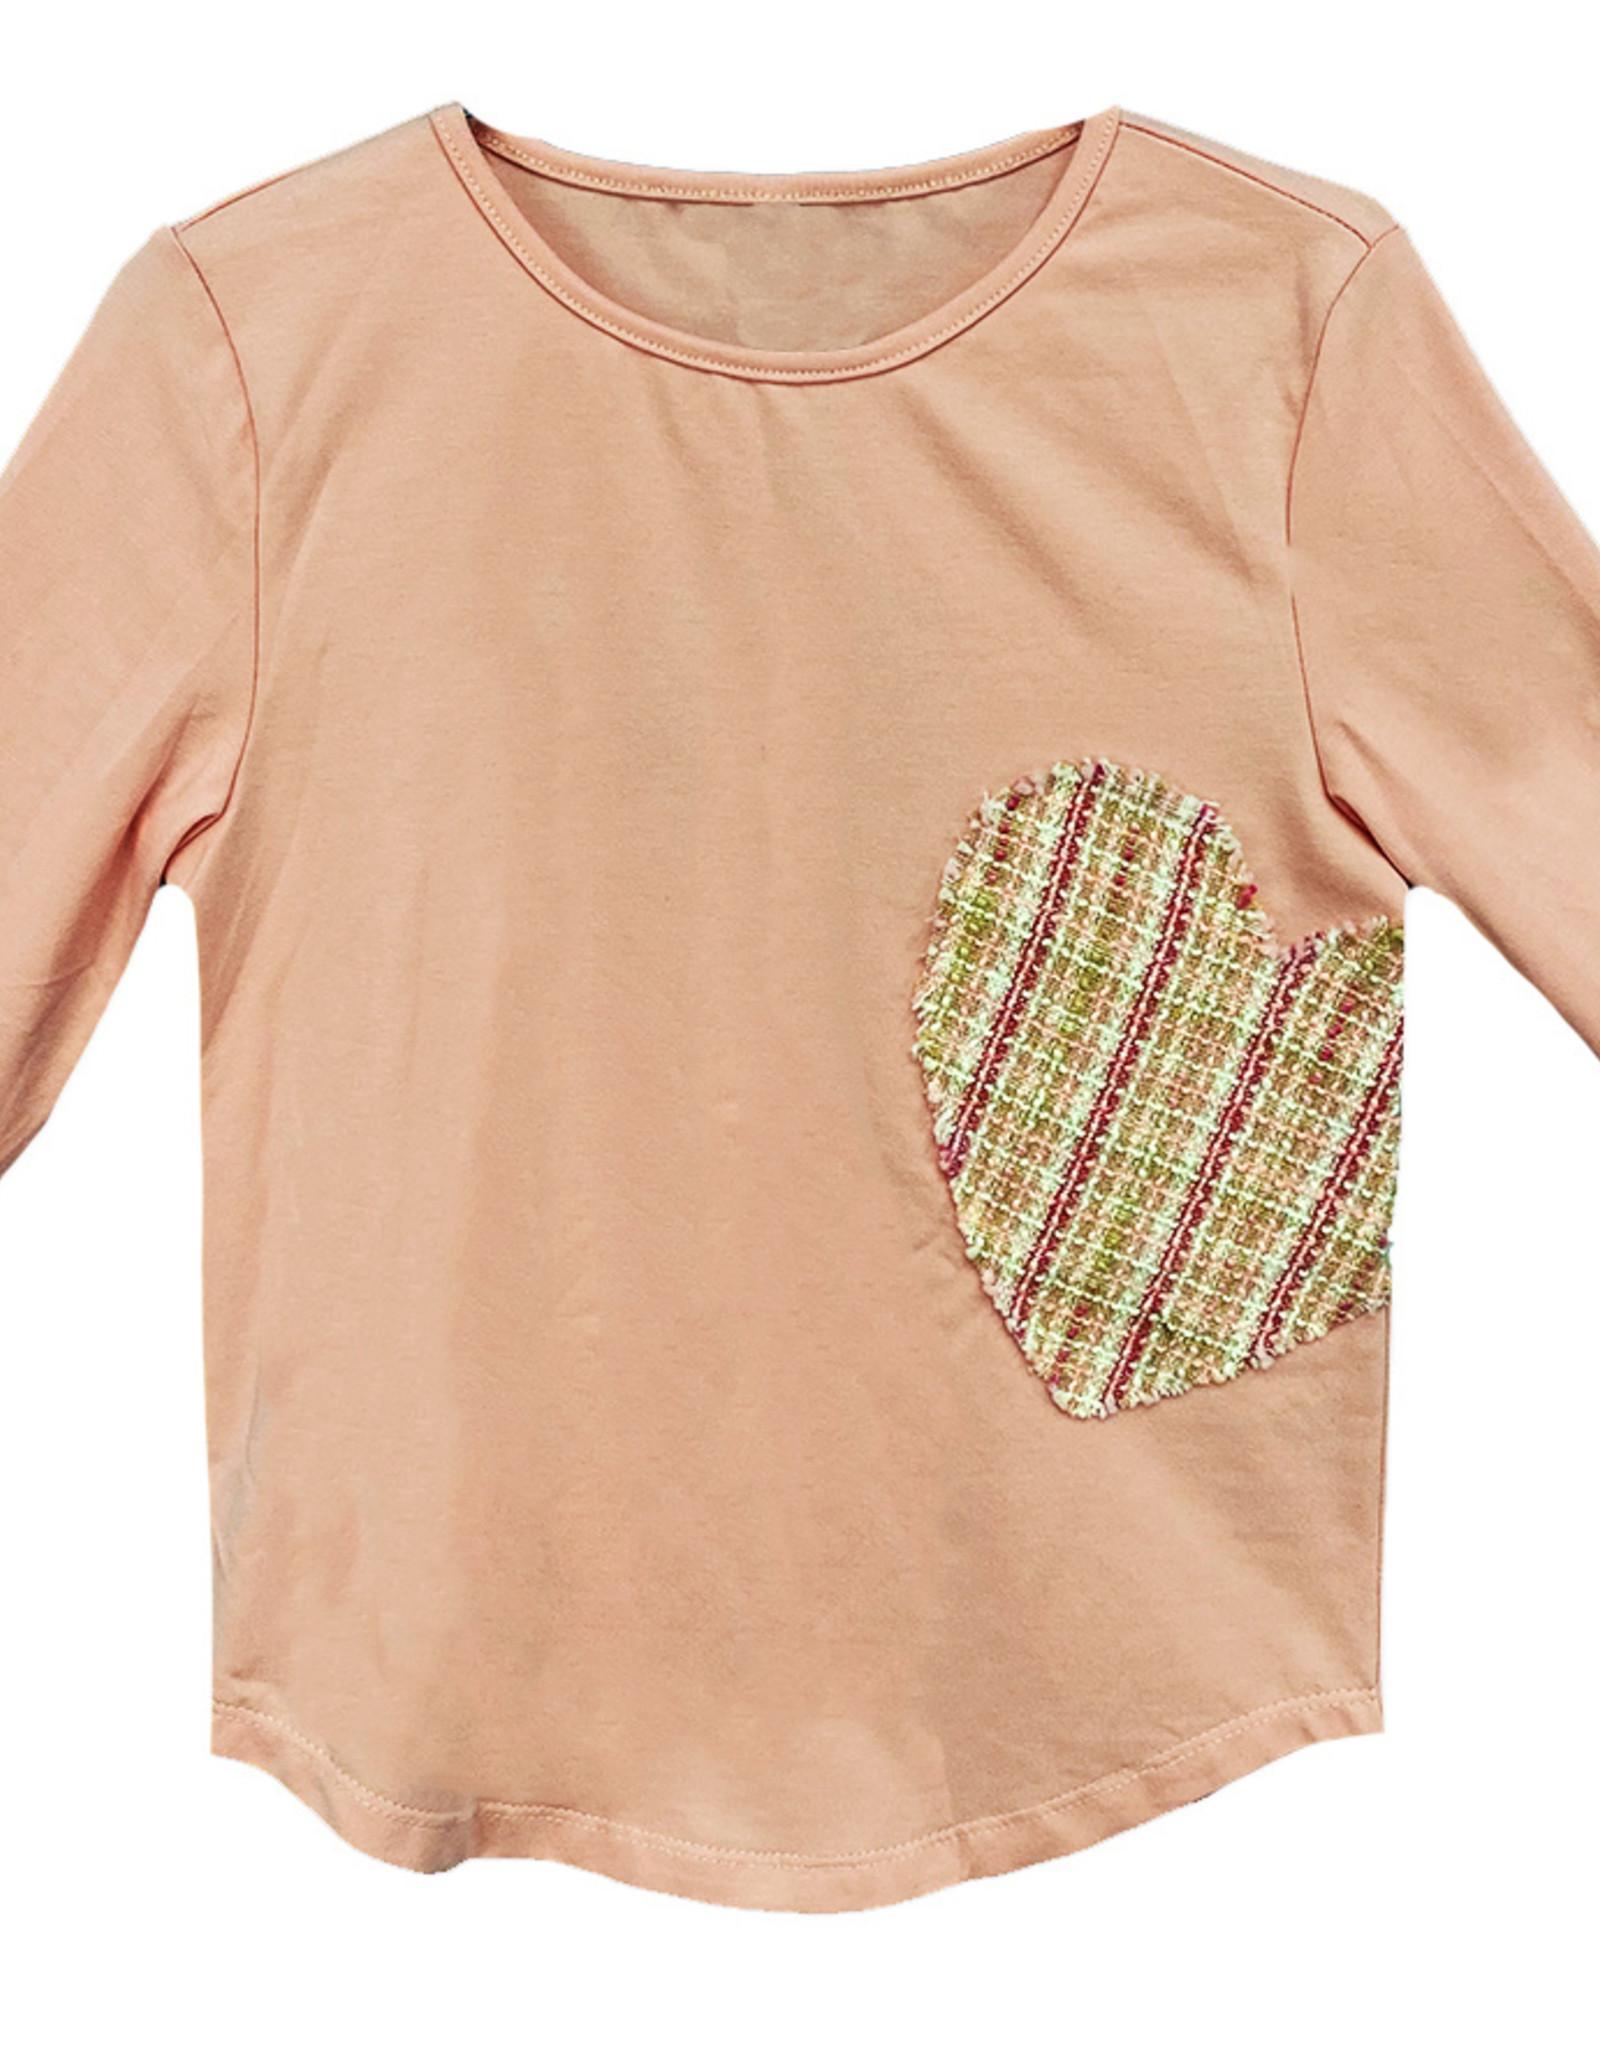 MeMe Basics MeMe Basics Tshirt with Heart Tweed Patch